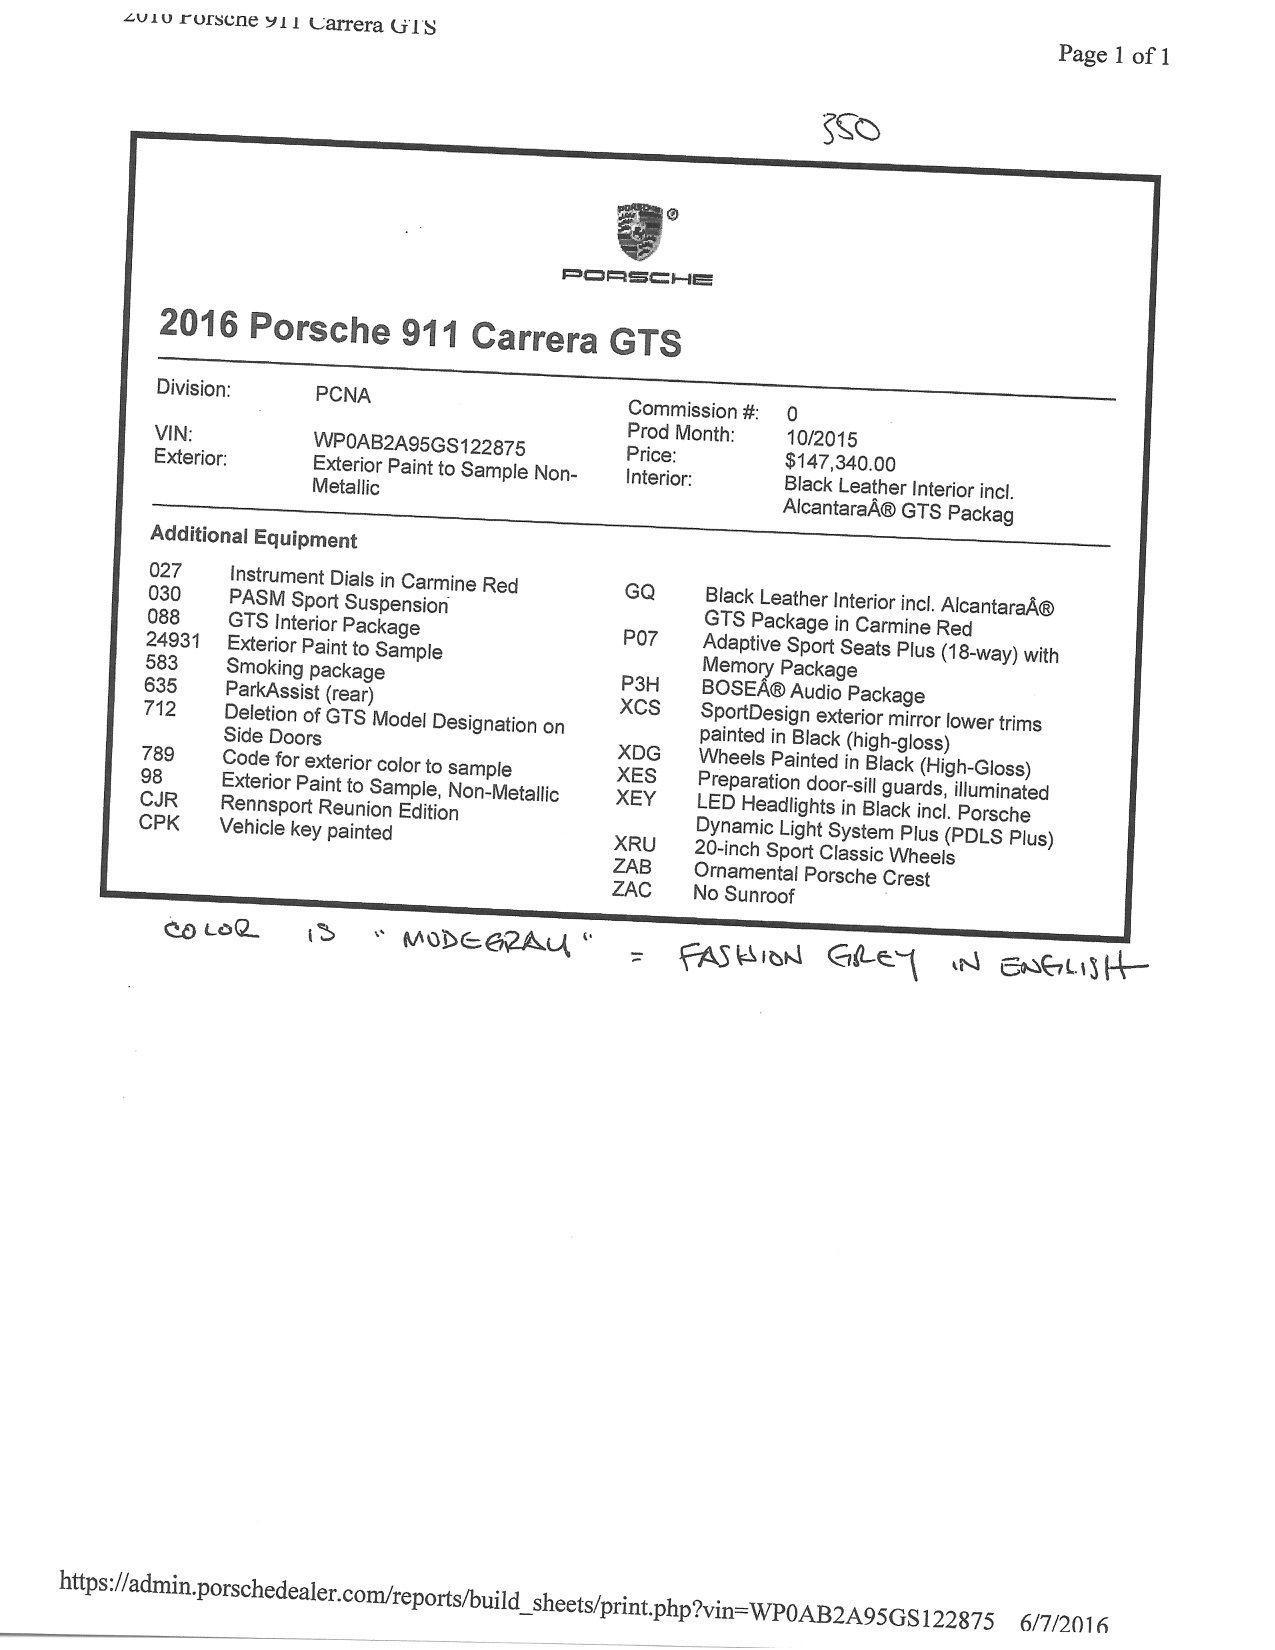 Porsche 911 Gts Rennsport Reunion Edition 1 Of 25